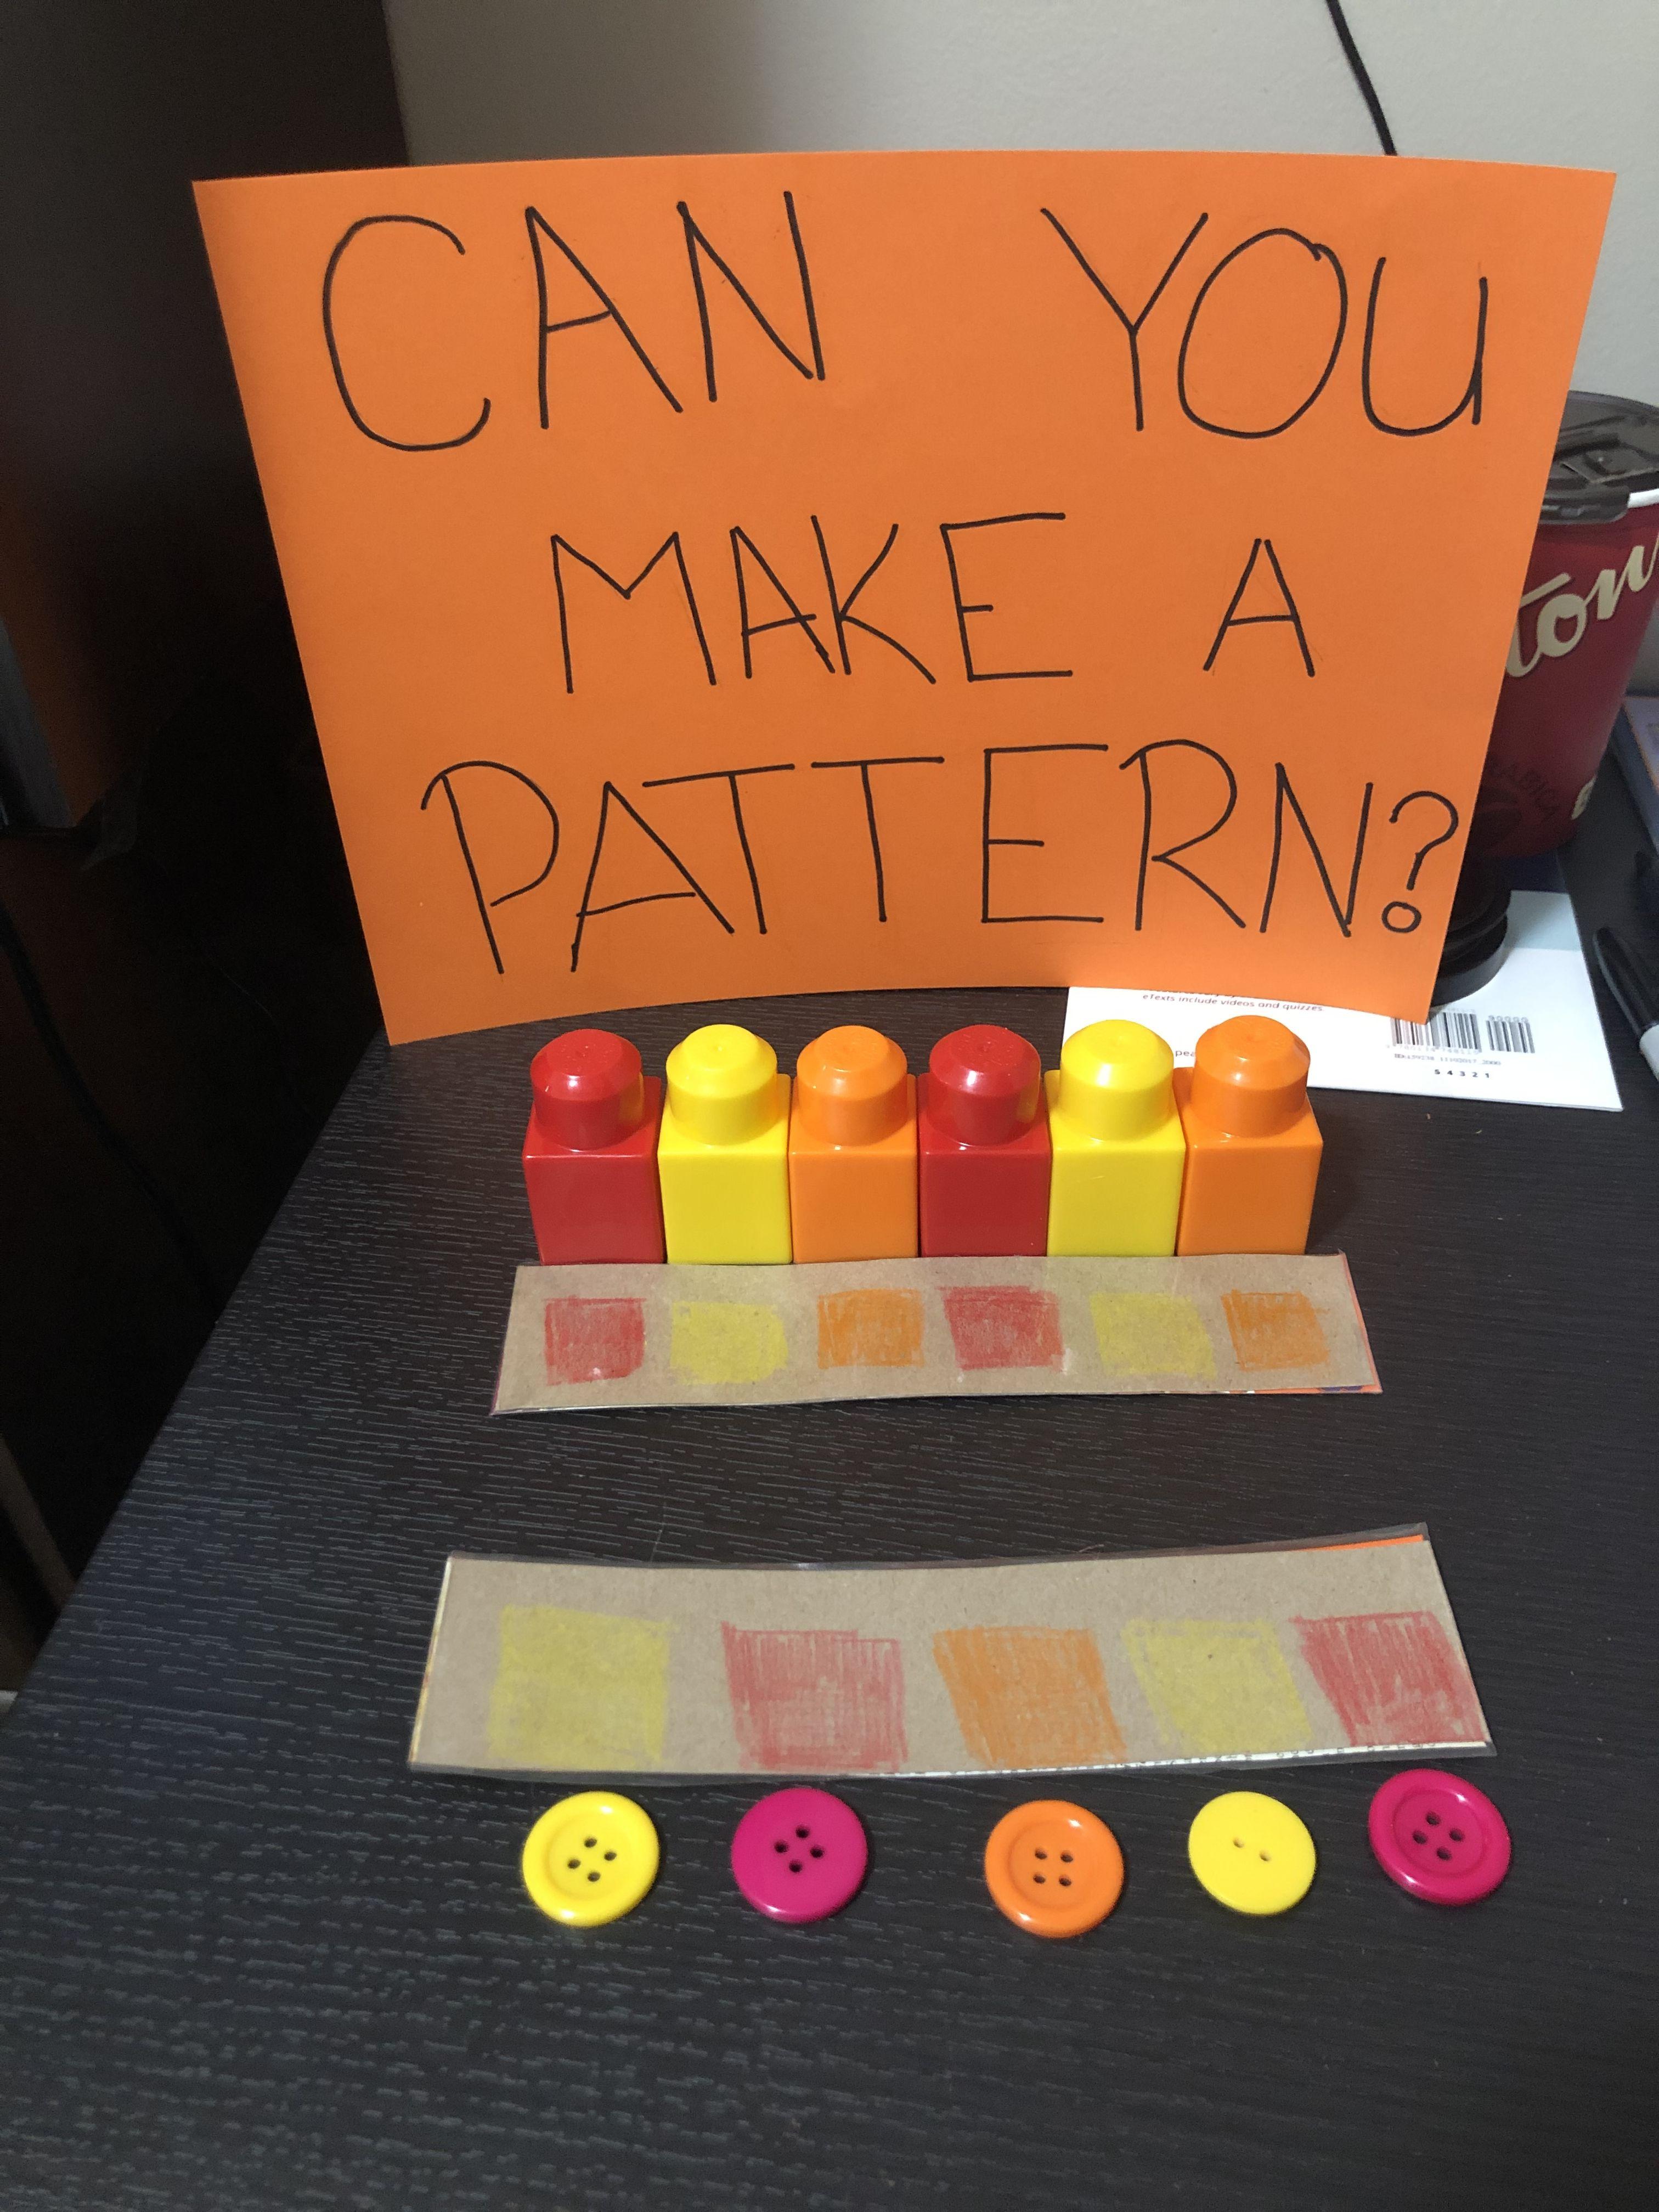 Patterning Preschool Pattern Activities Kindergarten Math Patterns Creative Curriculum Preschool [ 4032 x 3024 Pixel ]